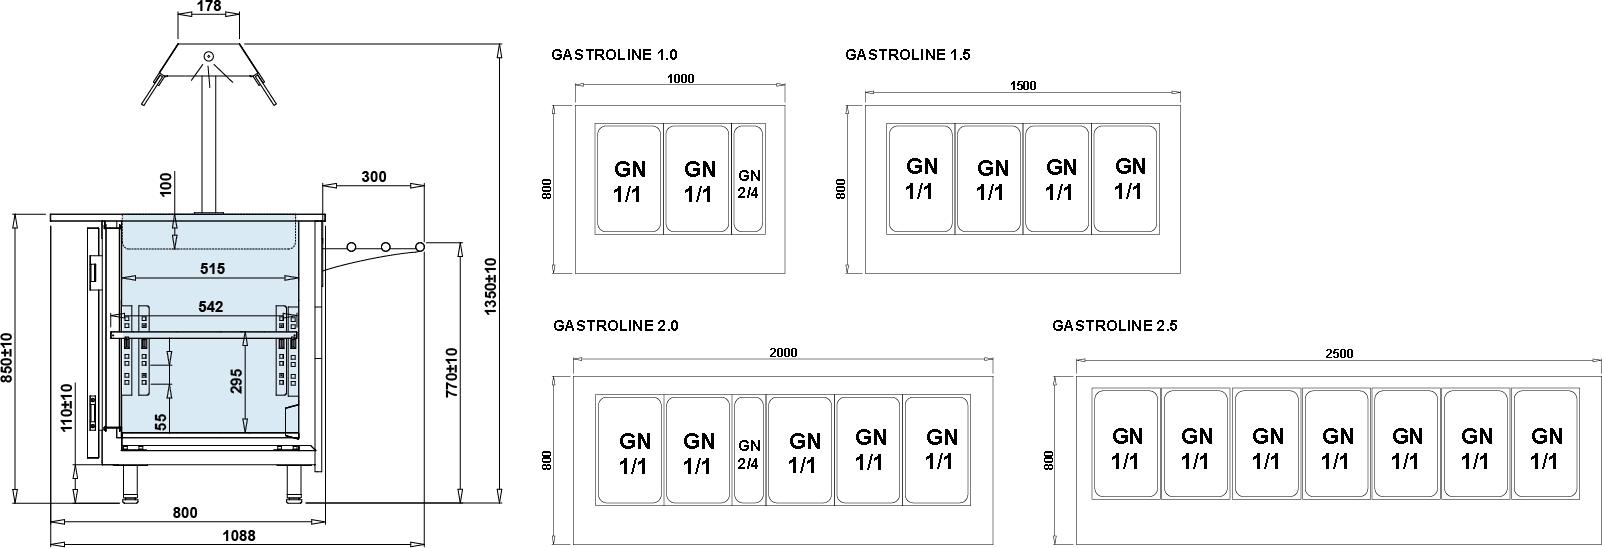 Technical drawing GASTROLINE OPEN GASTROLINE OPEN